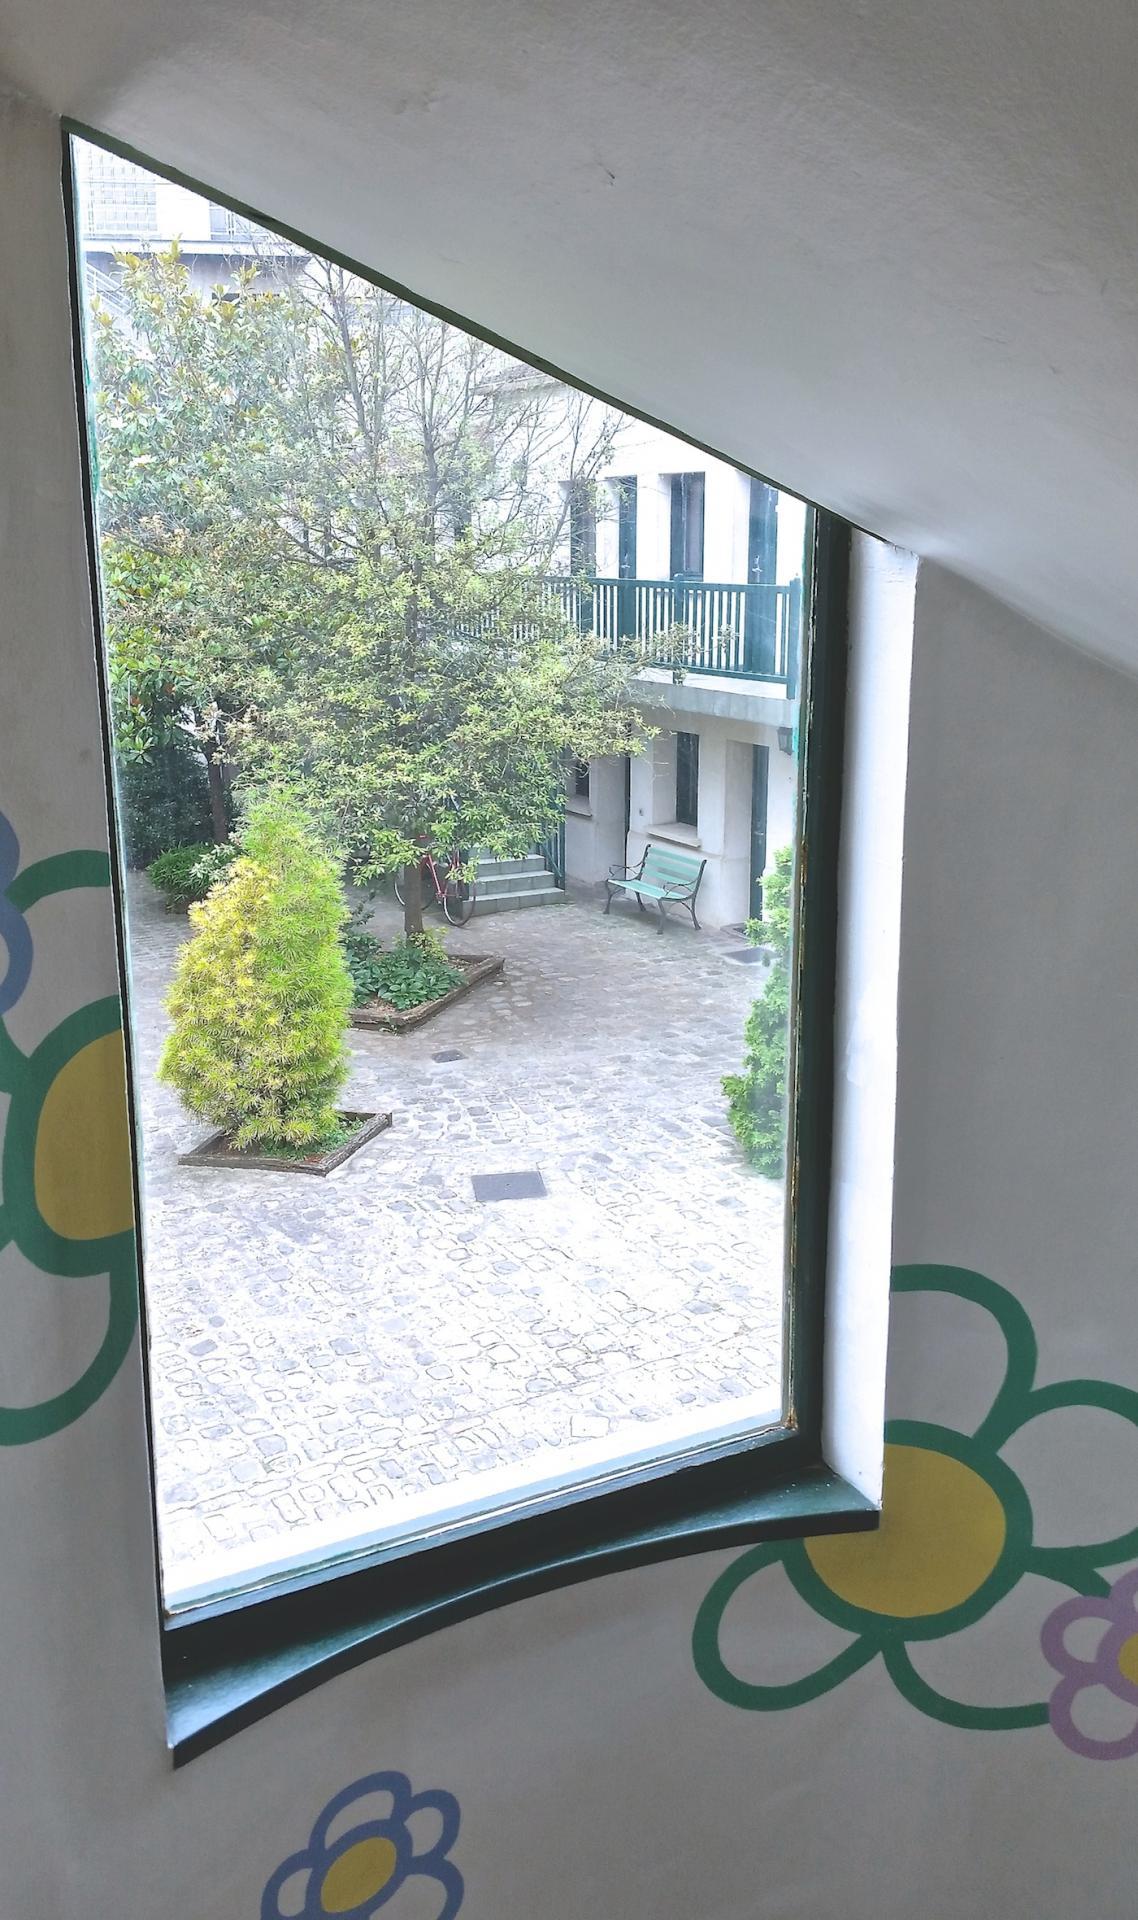 La maison des examens arcueil good petit moment dtente for Arcueil maison des examens